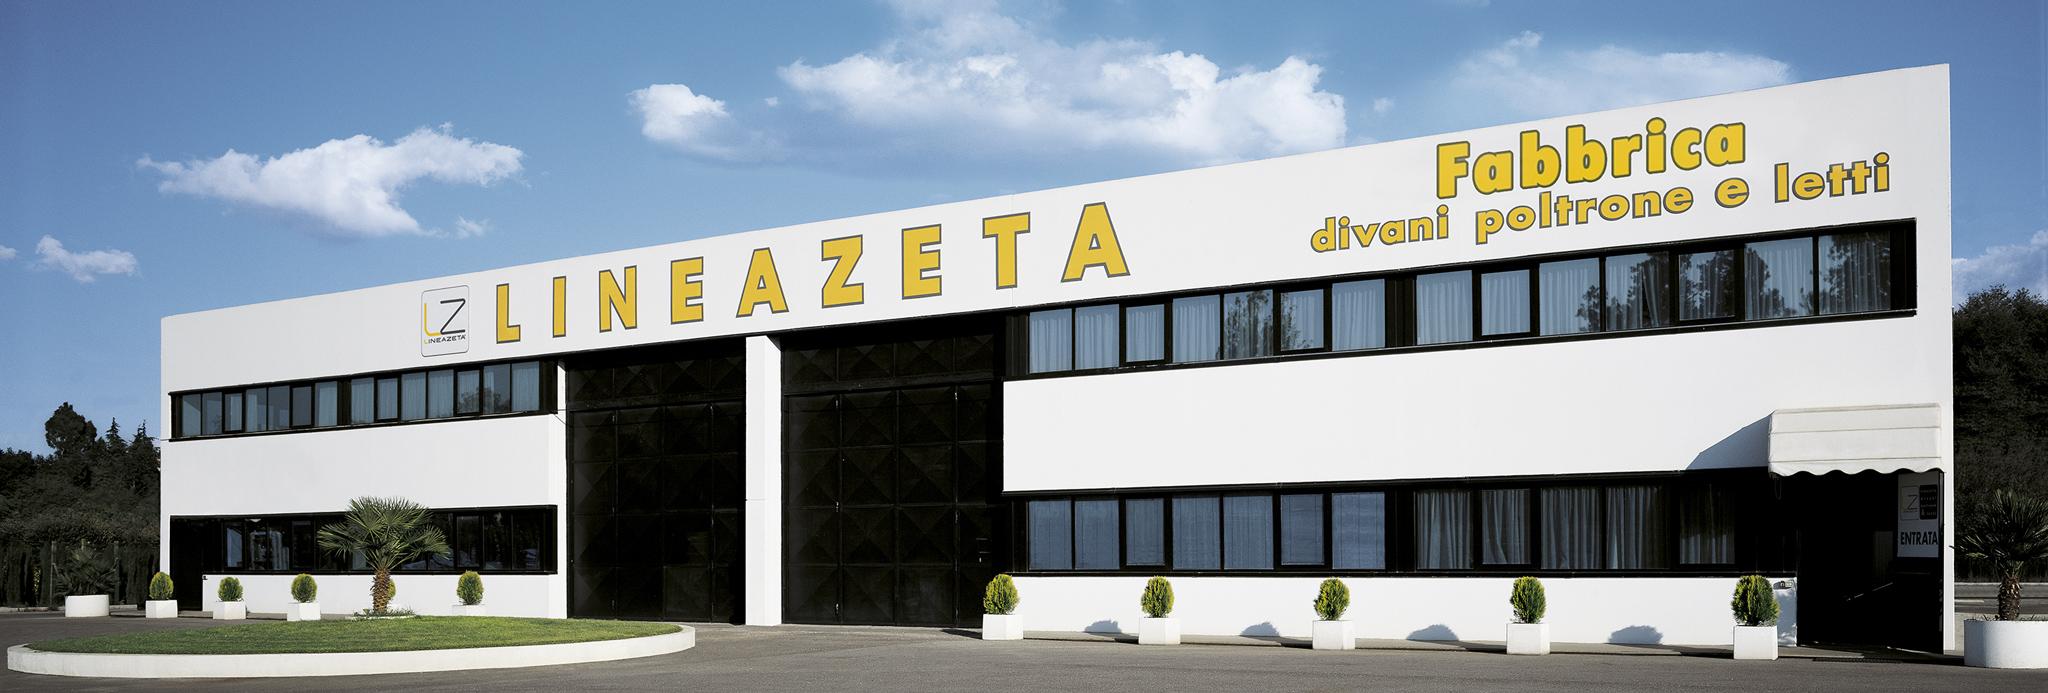 Lineazeta - Fabbrica Divani, Letti, Poltrone e Complementi